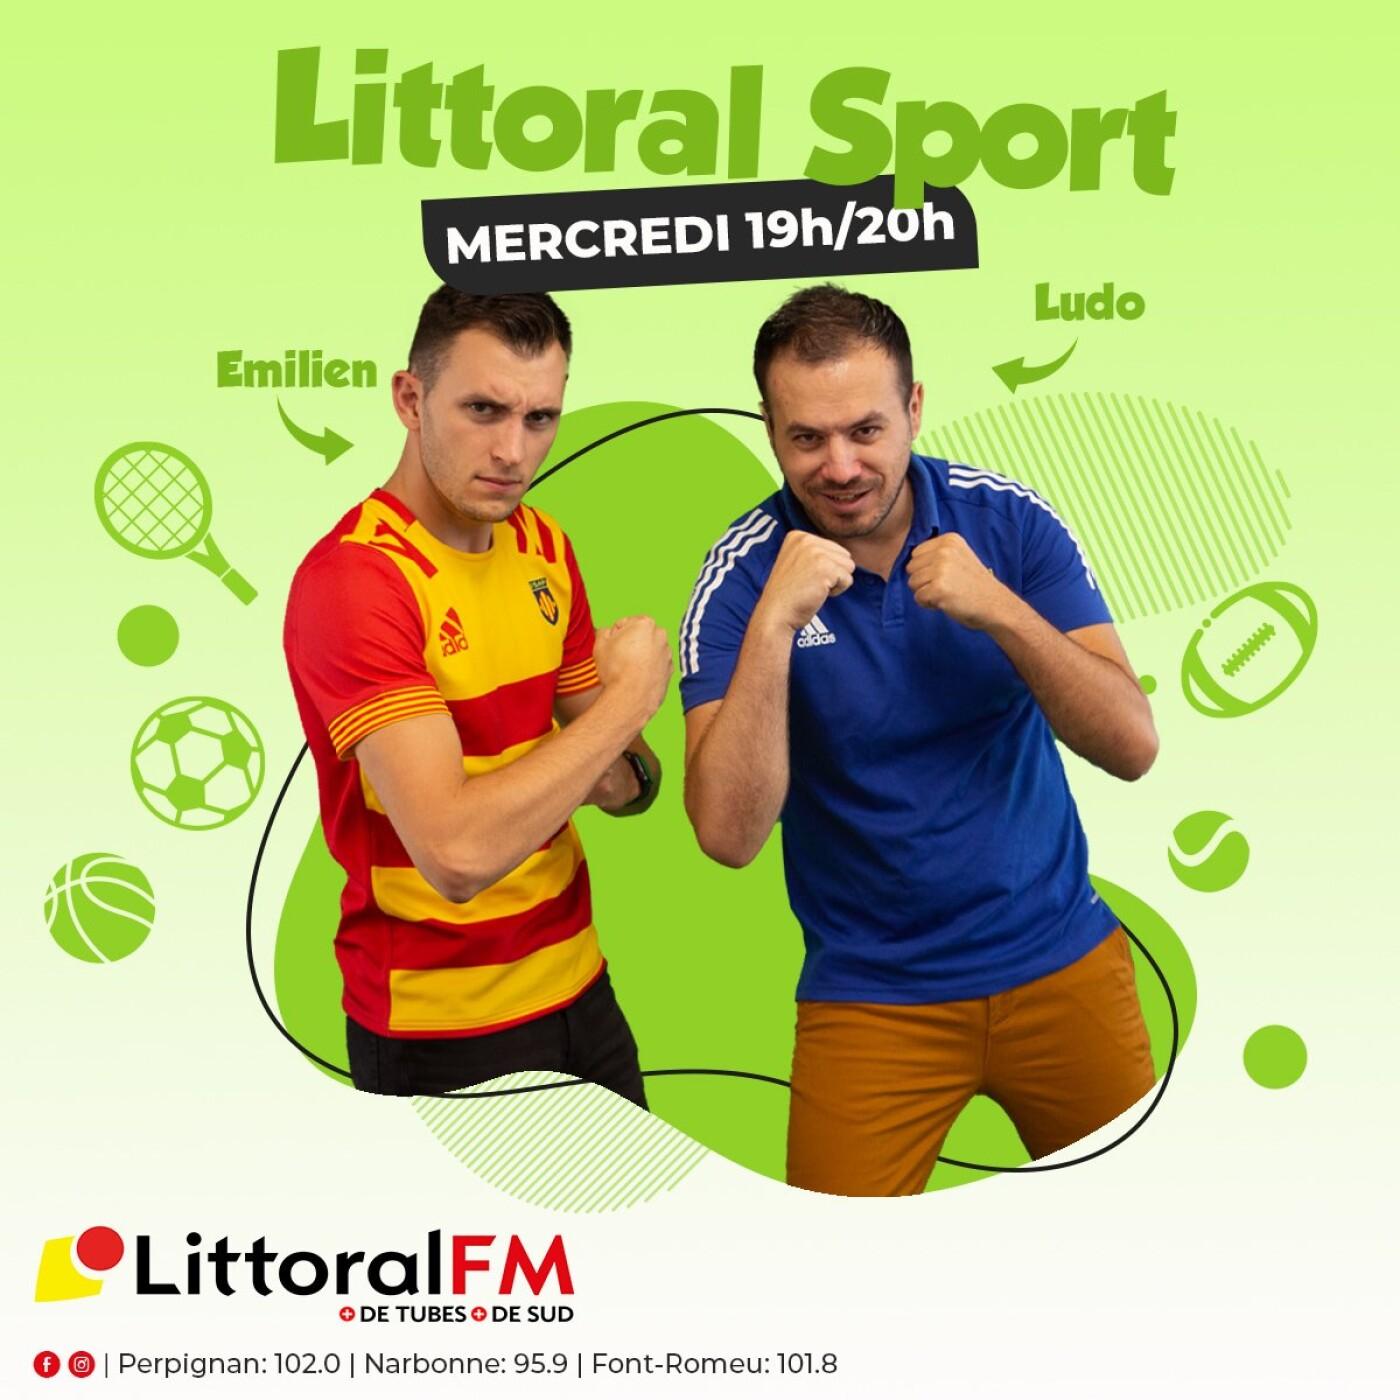 L'intégrale de Littoral Sport du mercredi 15 septembre 2021